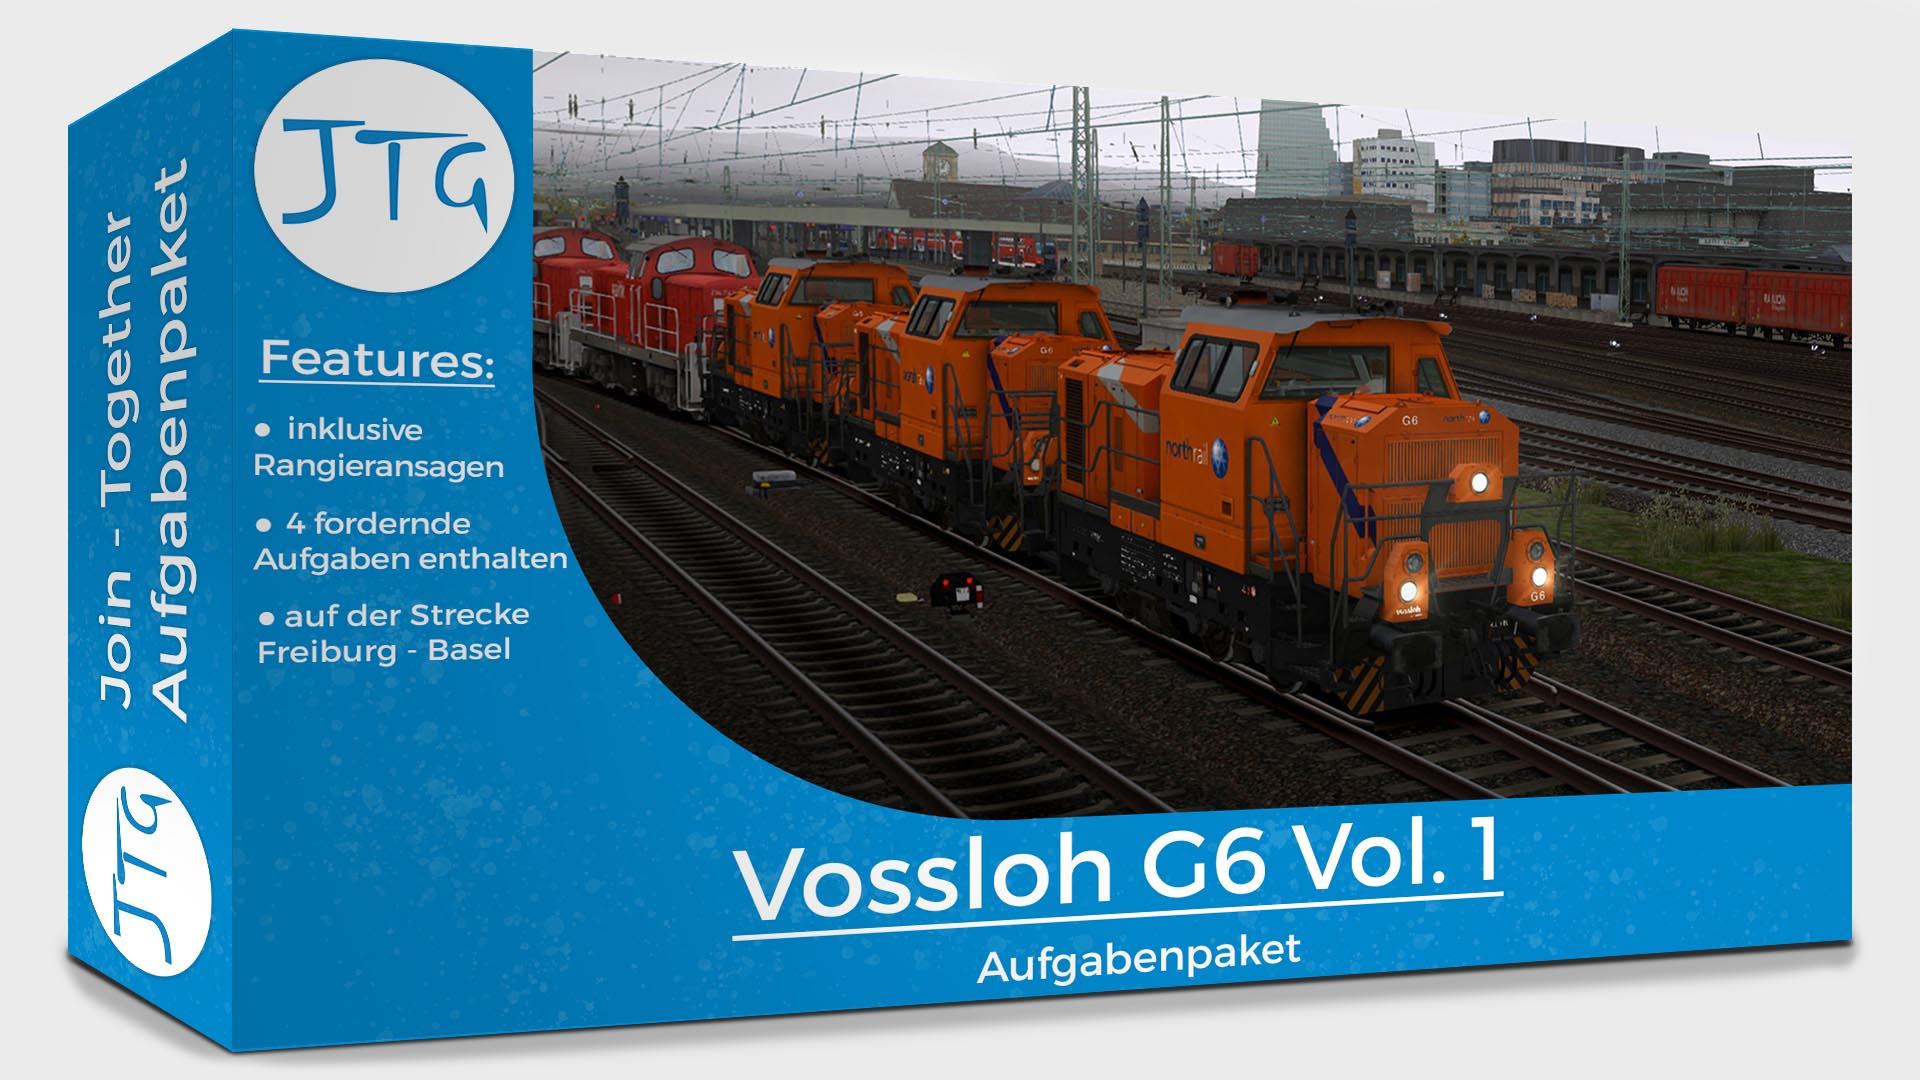 JTG - Vossloh G6 Scenario Package Vol. 1